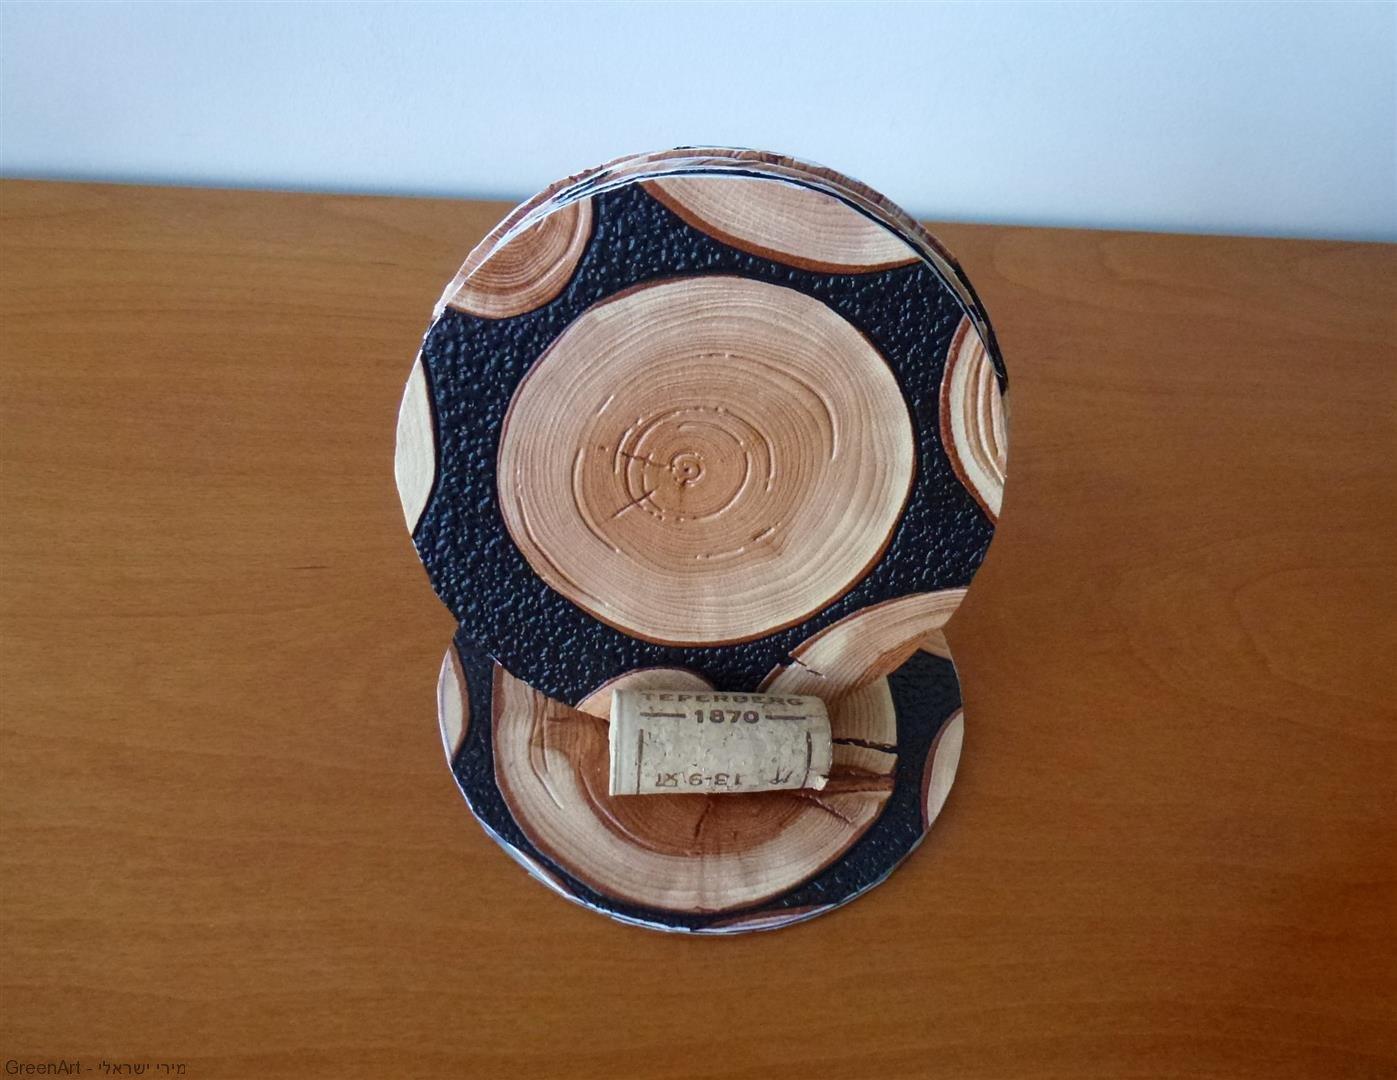 סדנת תחתיות למשקאות מתקליטורים וחומרים בשימוש חוזר